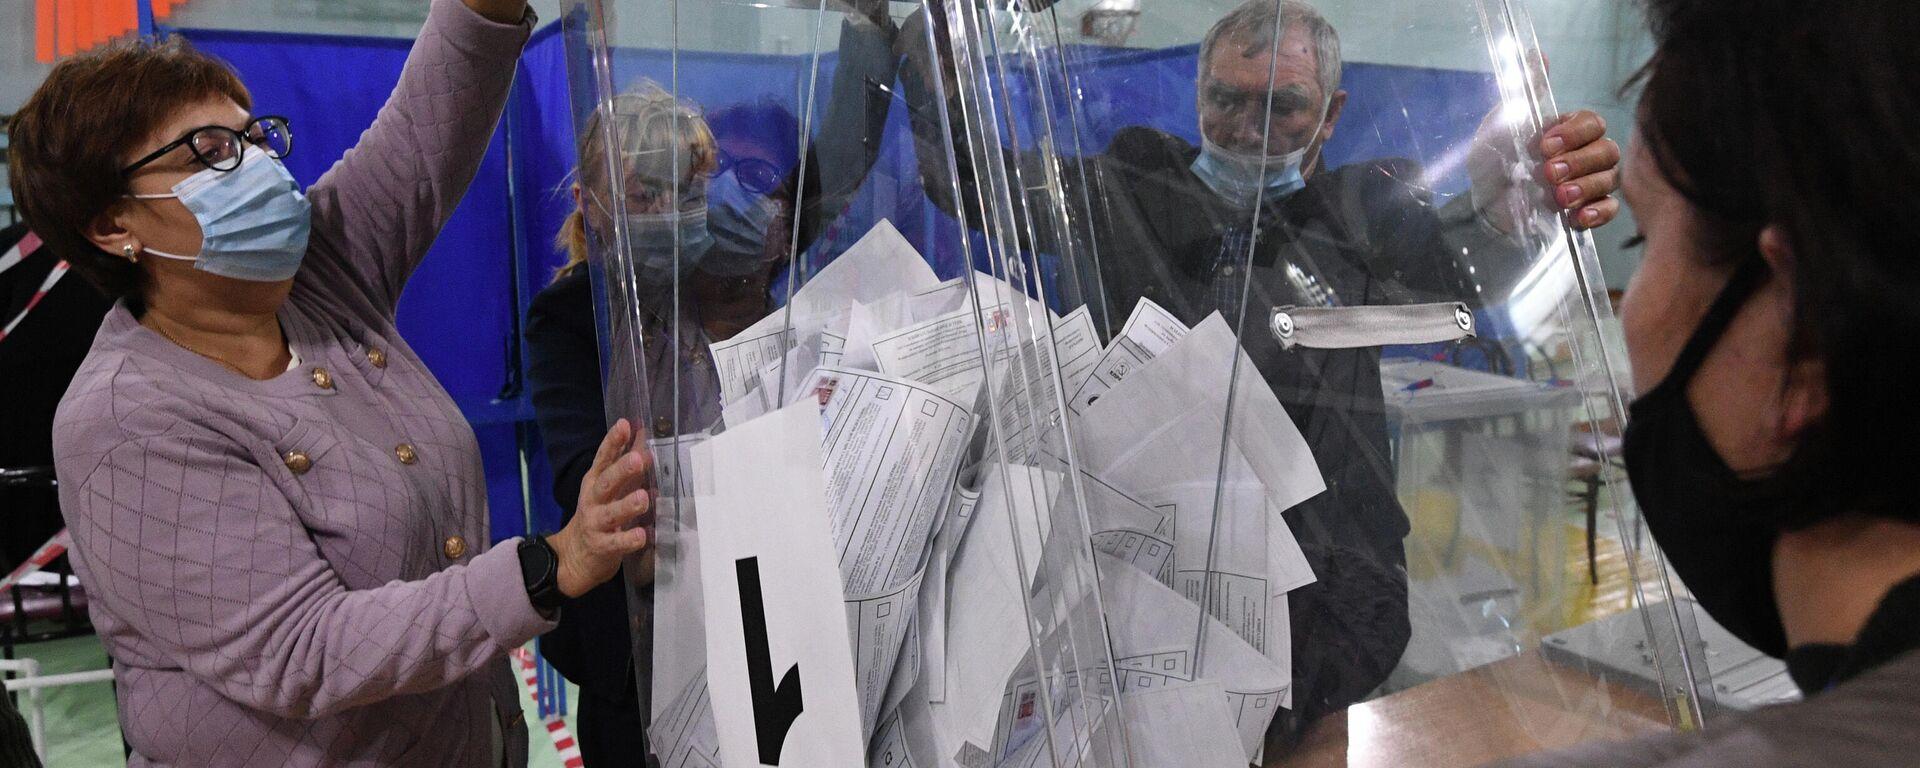 Международные наблюдатели дали оценку выборам в России - Sputnik Латвия, 1920, 20.09.2021